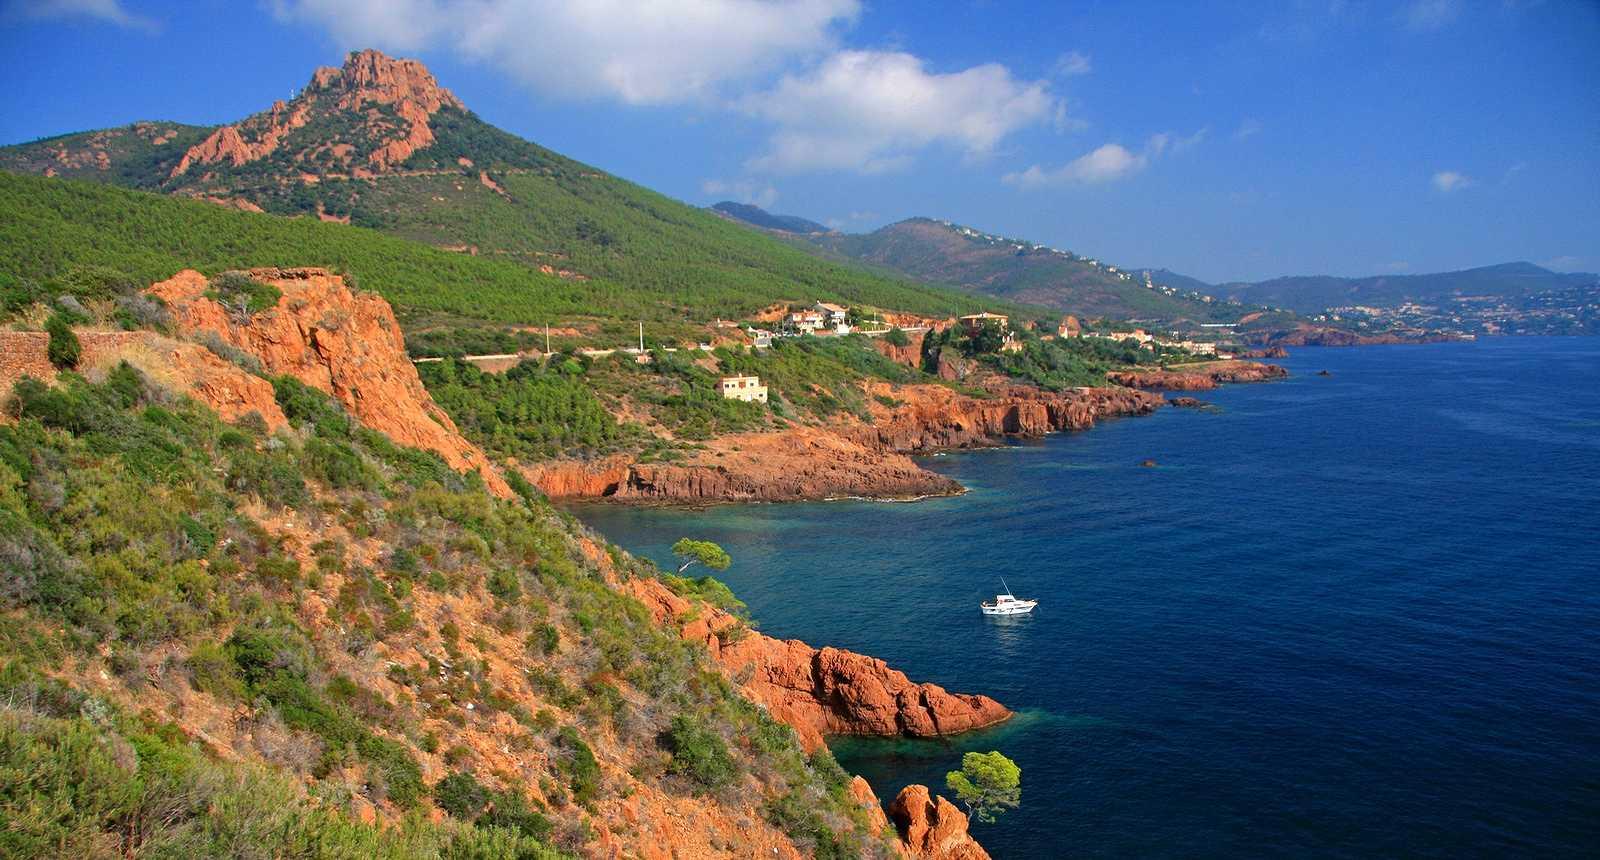 http://photos.tourisme-en-france.com/petitesregions/paca/esterel/4_massif-de-l-esterel.jpg